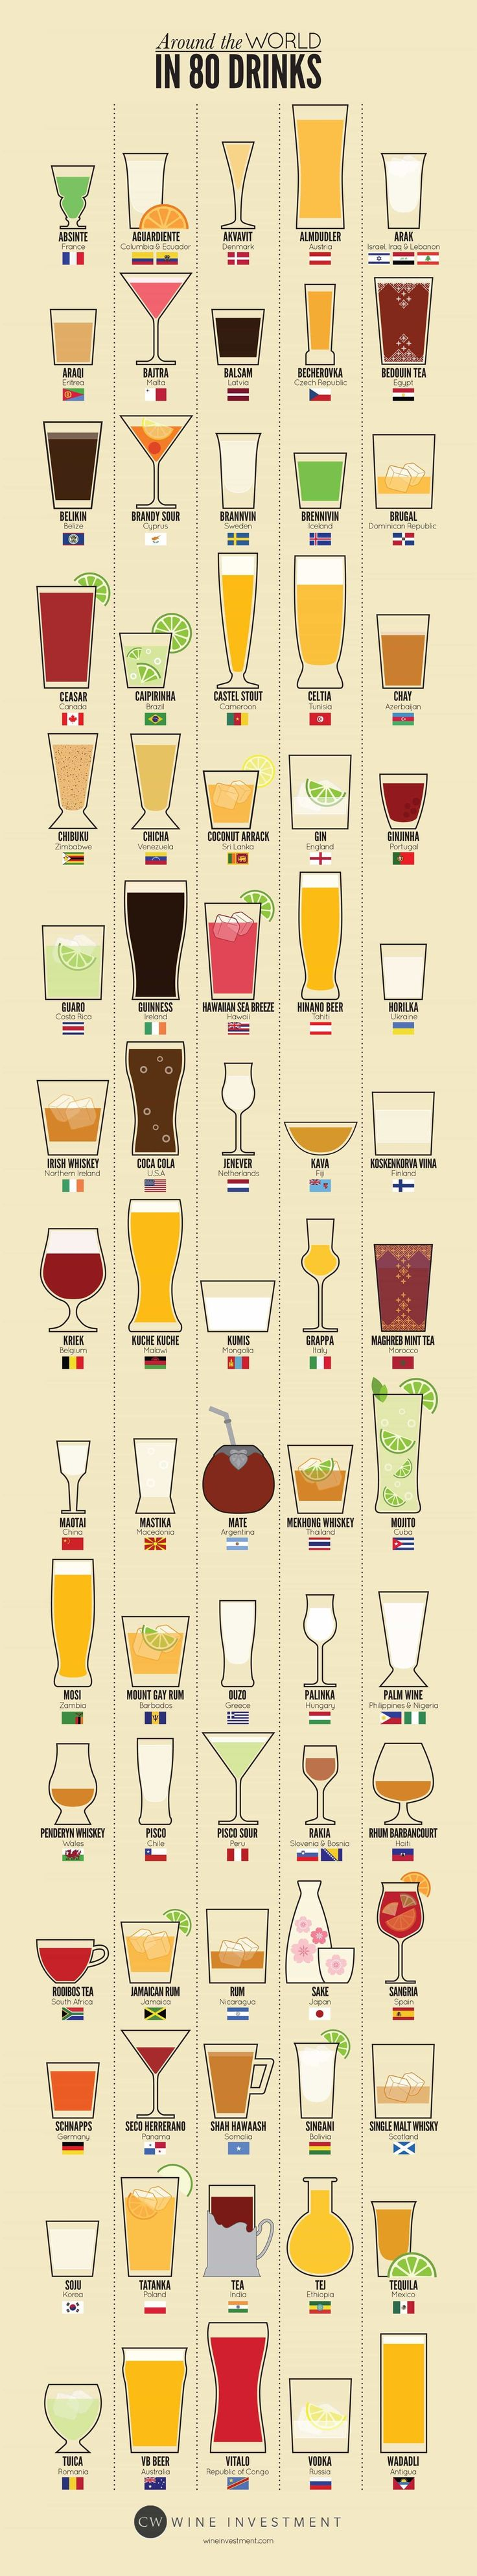 Il giro del mondo in 80 drinks è una infografica che ci mostra una serie di cocktail ed i paesi dove sono stati inventati: la Sangria in Spagna, la grappa..